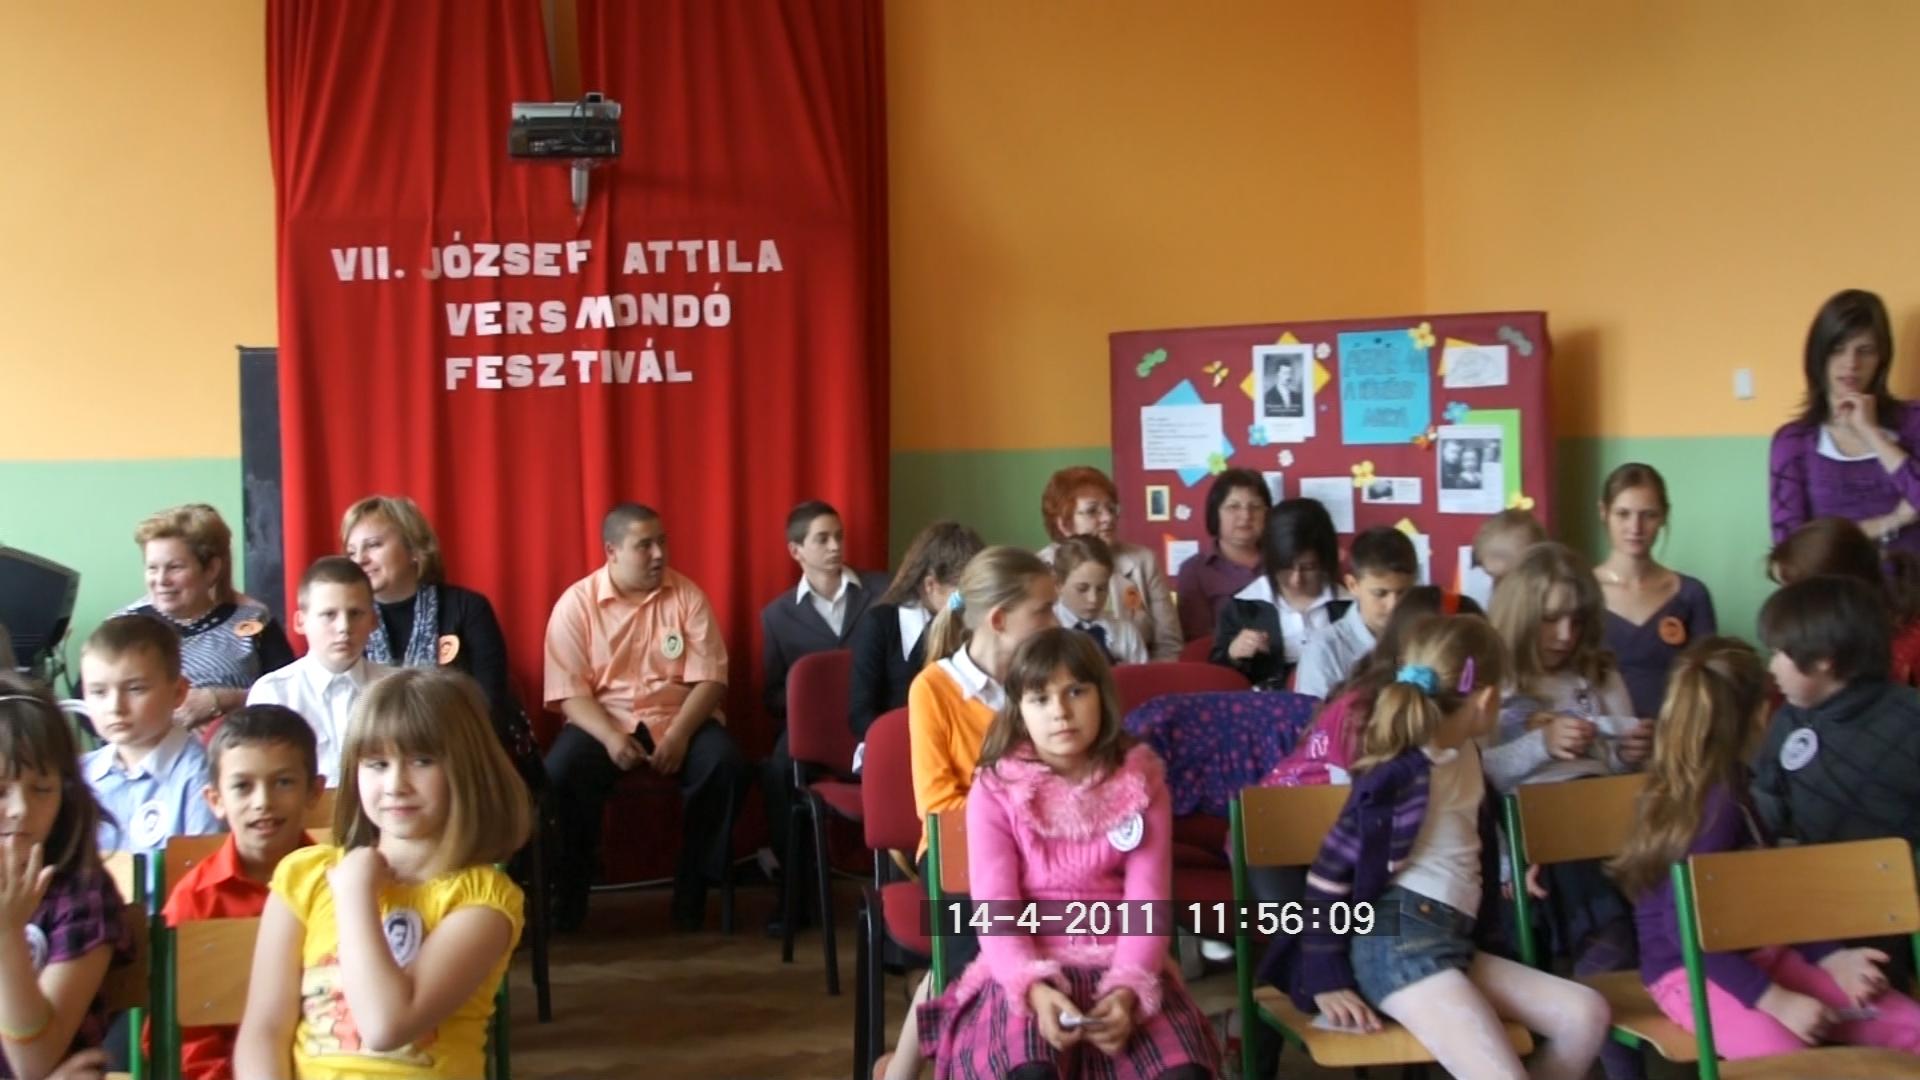 József Attila Versmondó-fesztivál Nagyszarva